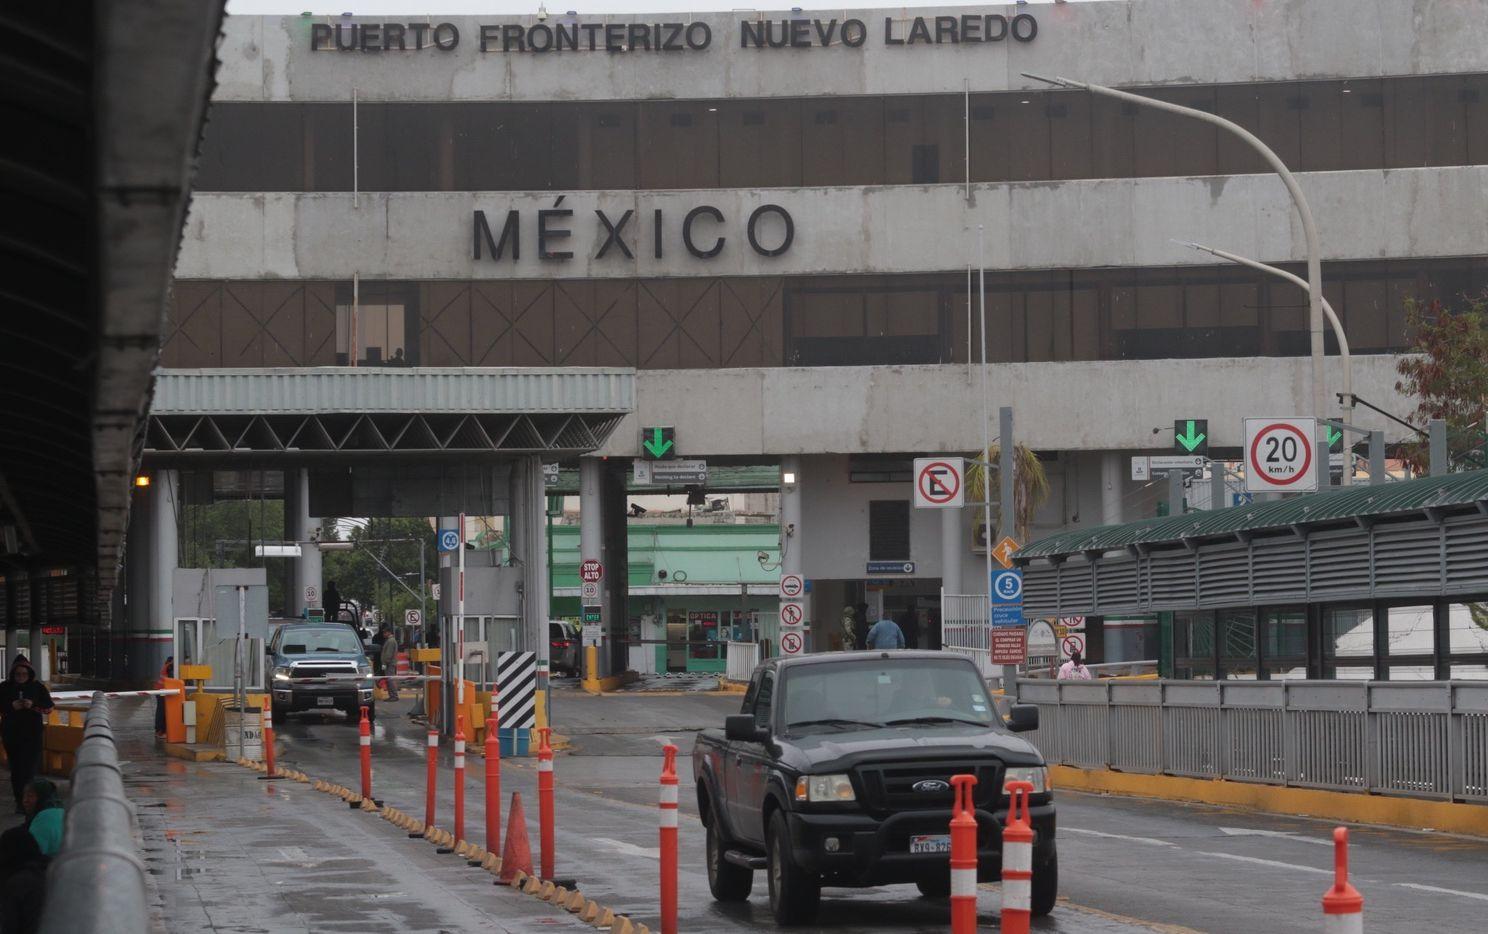 El puente Internacional entre Laredo, Texas y Nuevo Laredo, Tamaulipas, México.